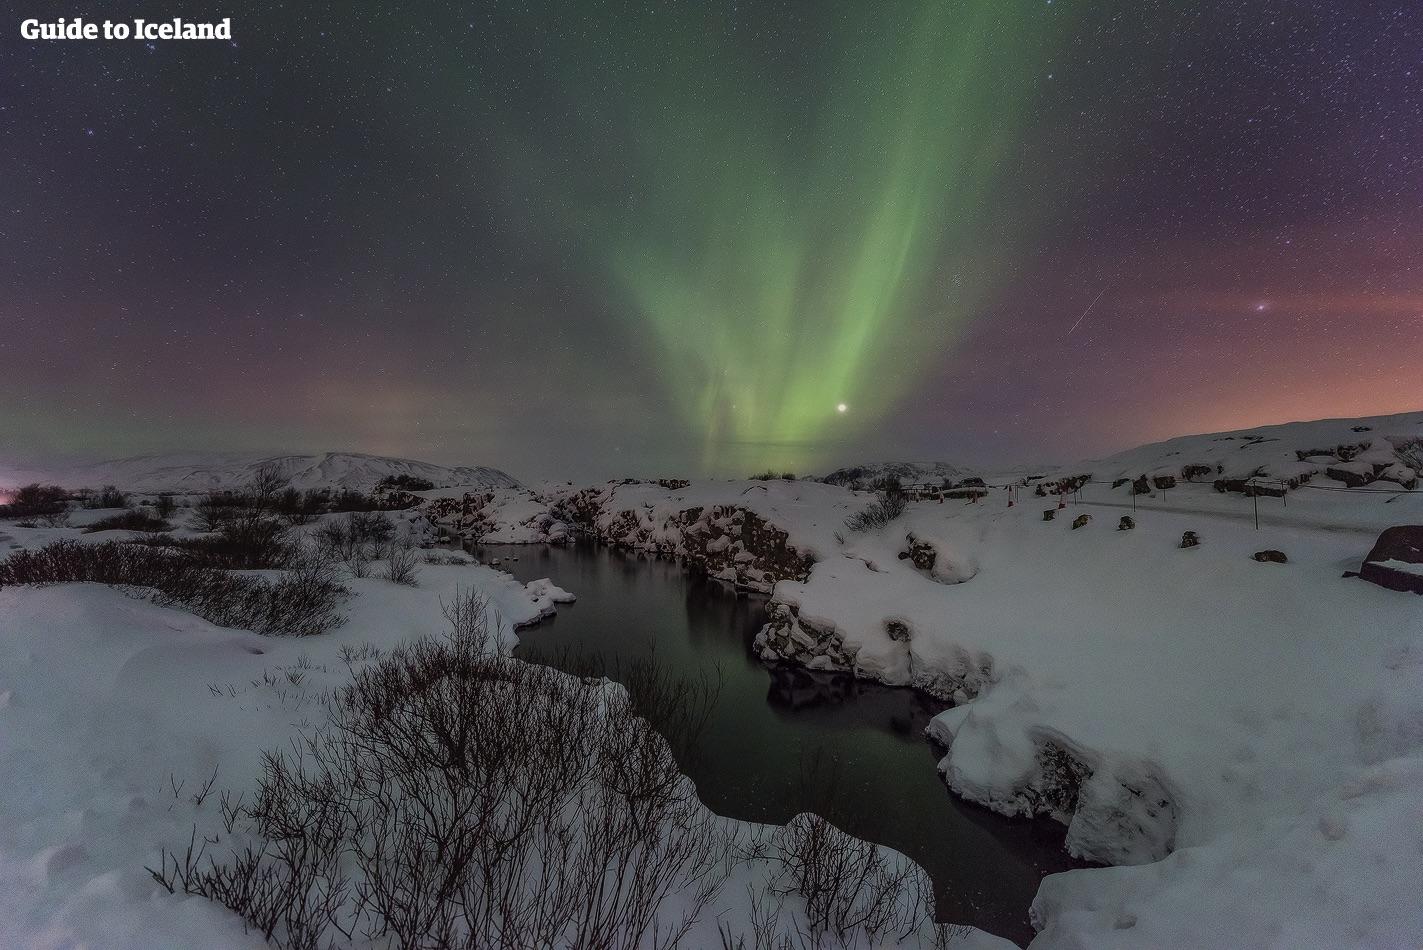 Thinvellir è un parco nazionale patrimonio dell'UNESCO, una meraviglia geologica e un posto incredibile per vedere l'Aurora Boreale.